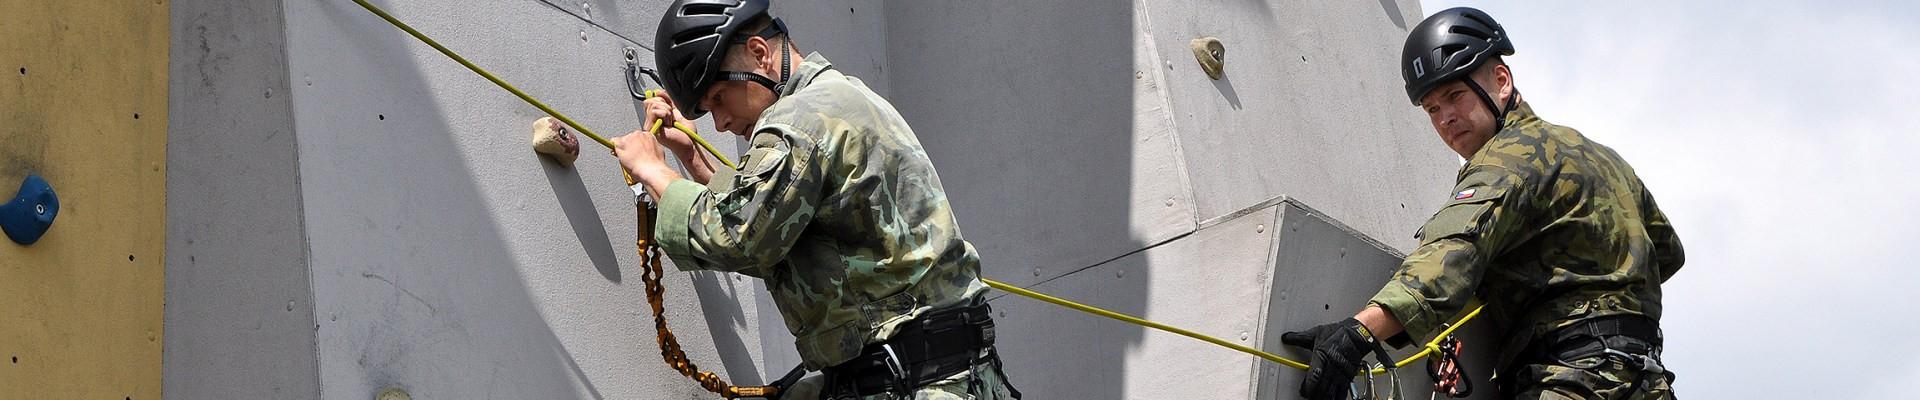 Velitelství výcviku – Vojenská akademie ve Vyškově